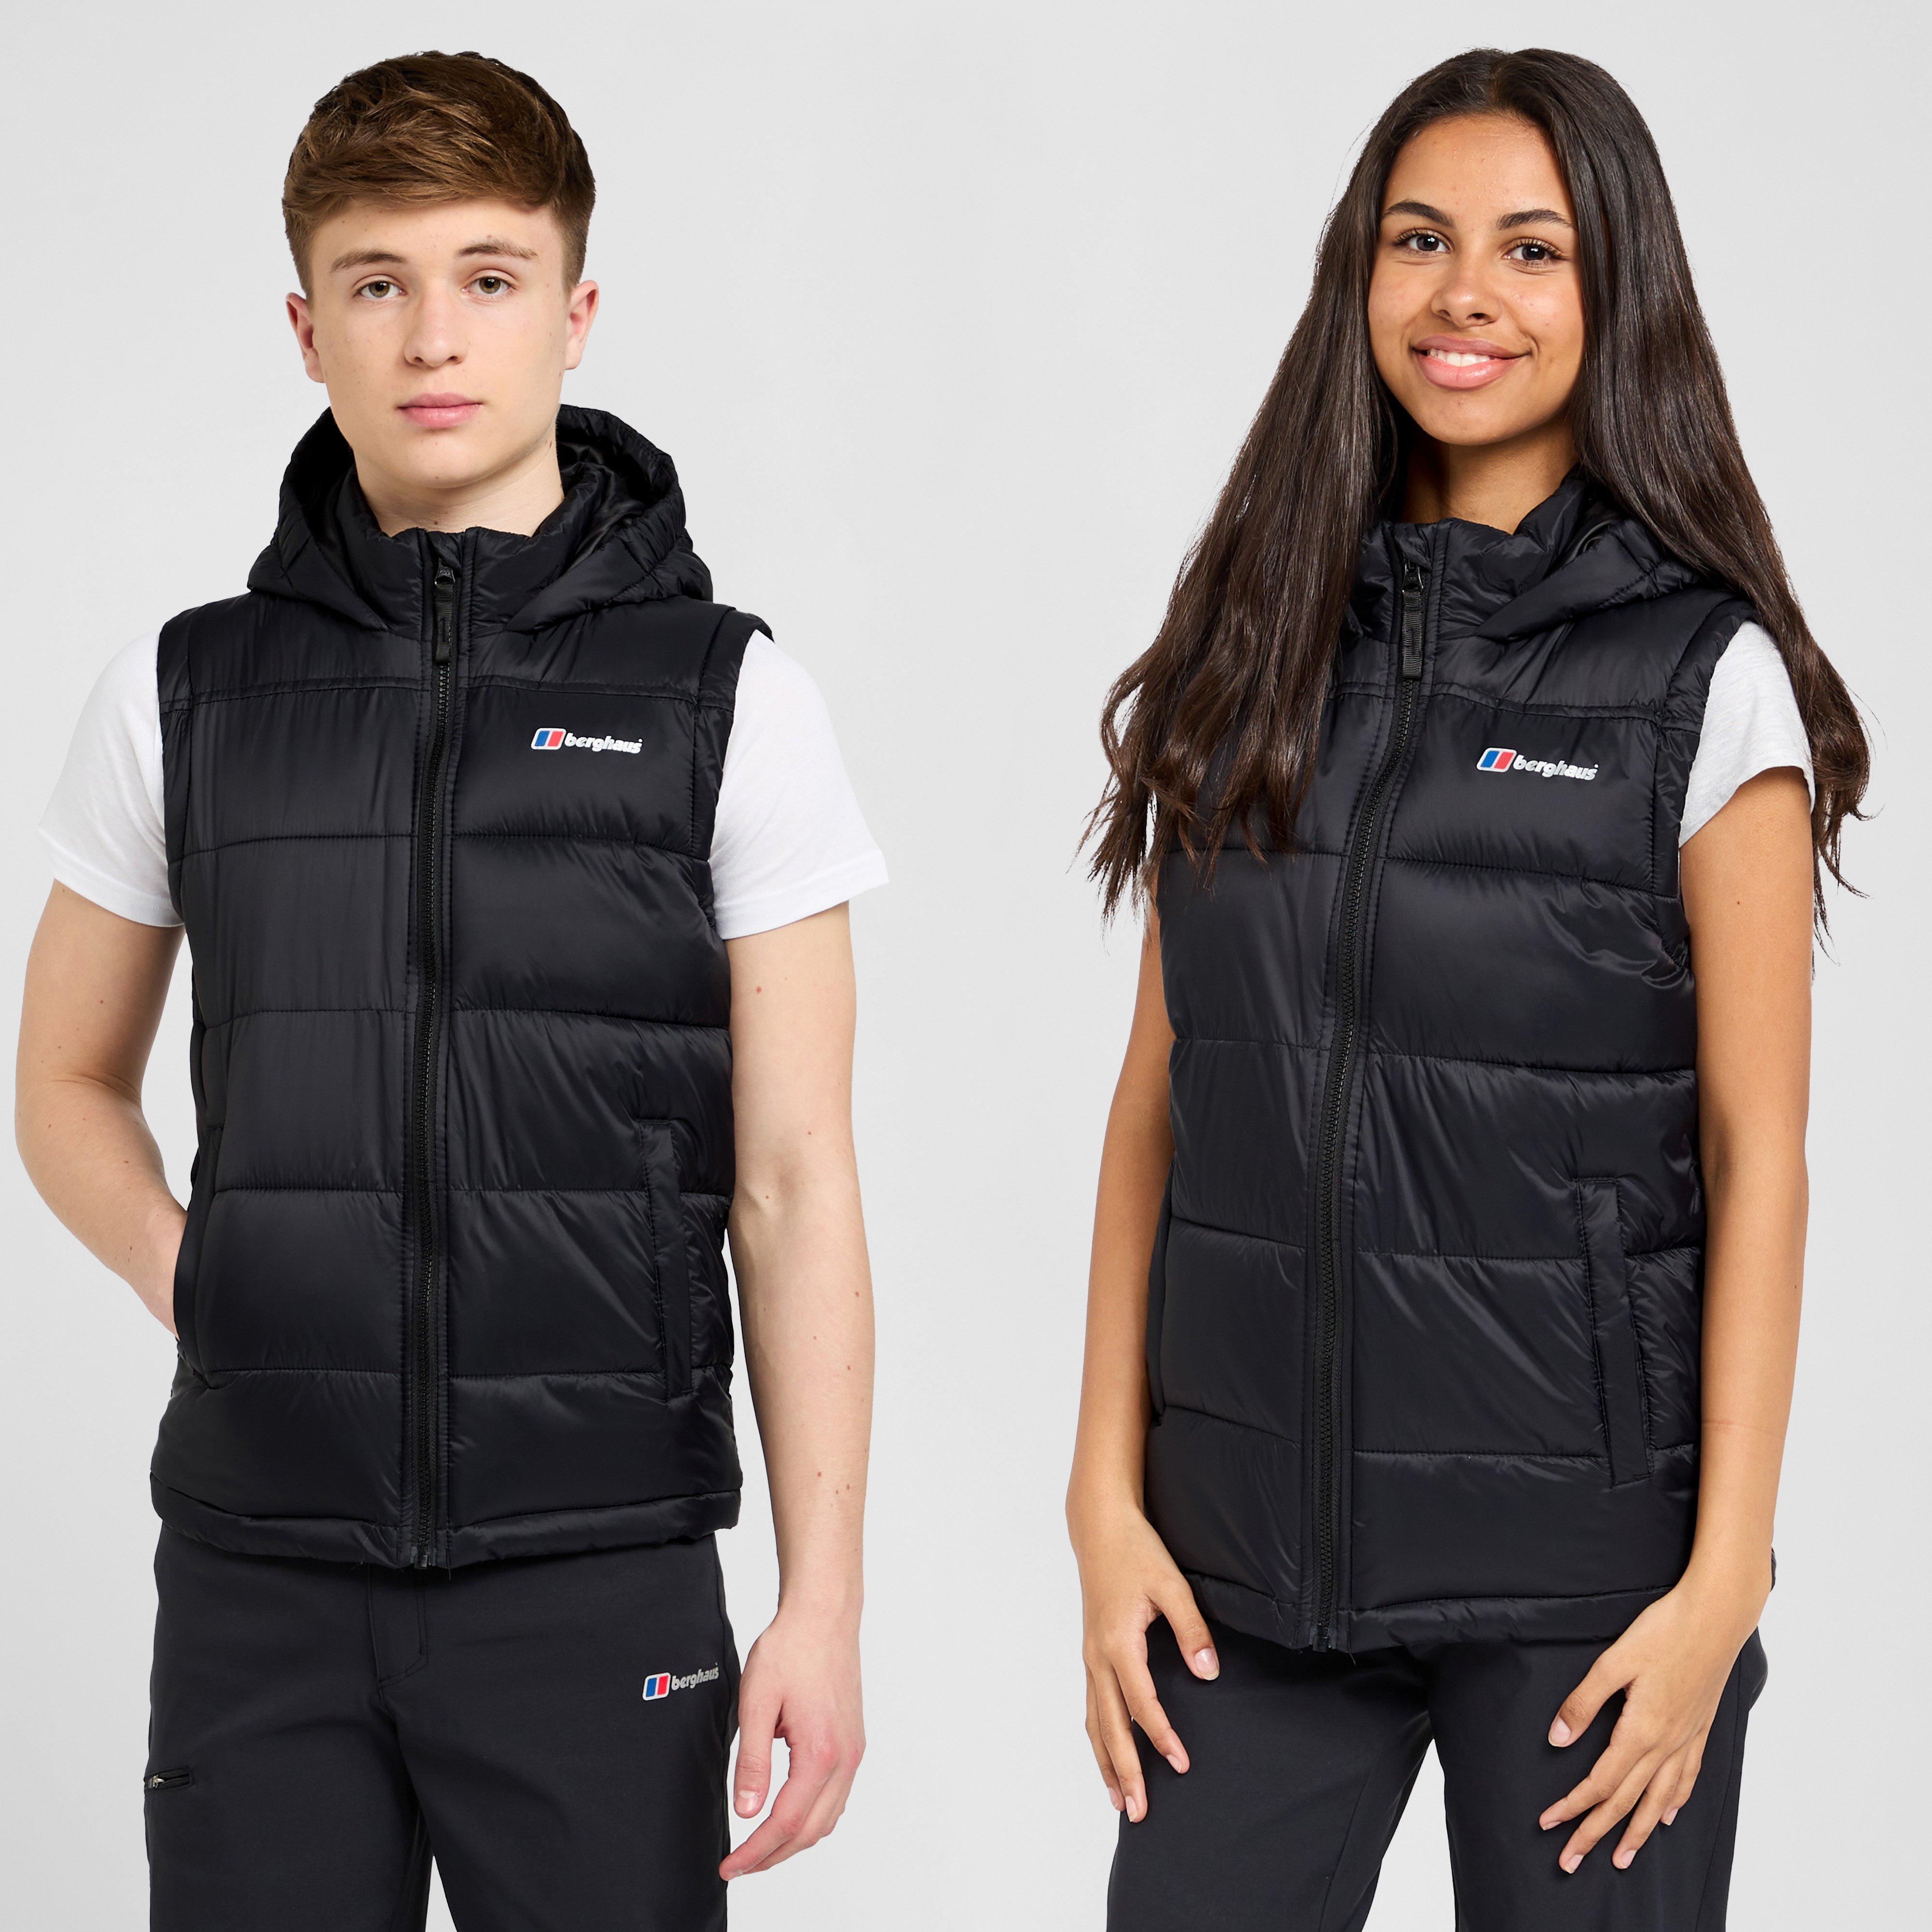 Berghaus Kids Burham Gilet - Black/black  Black/black